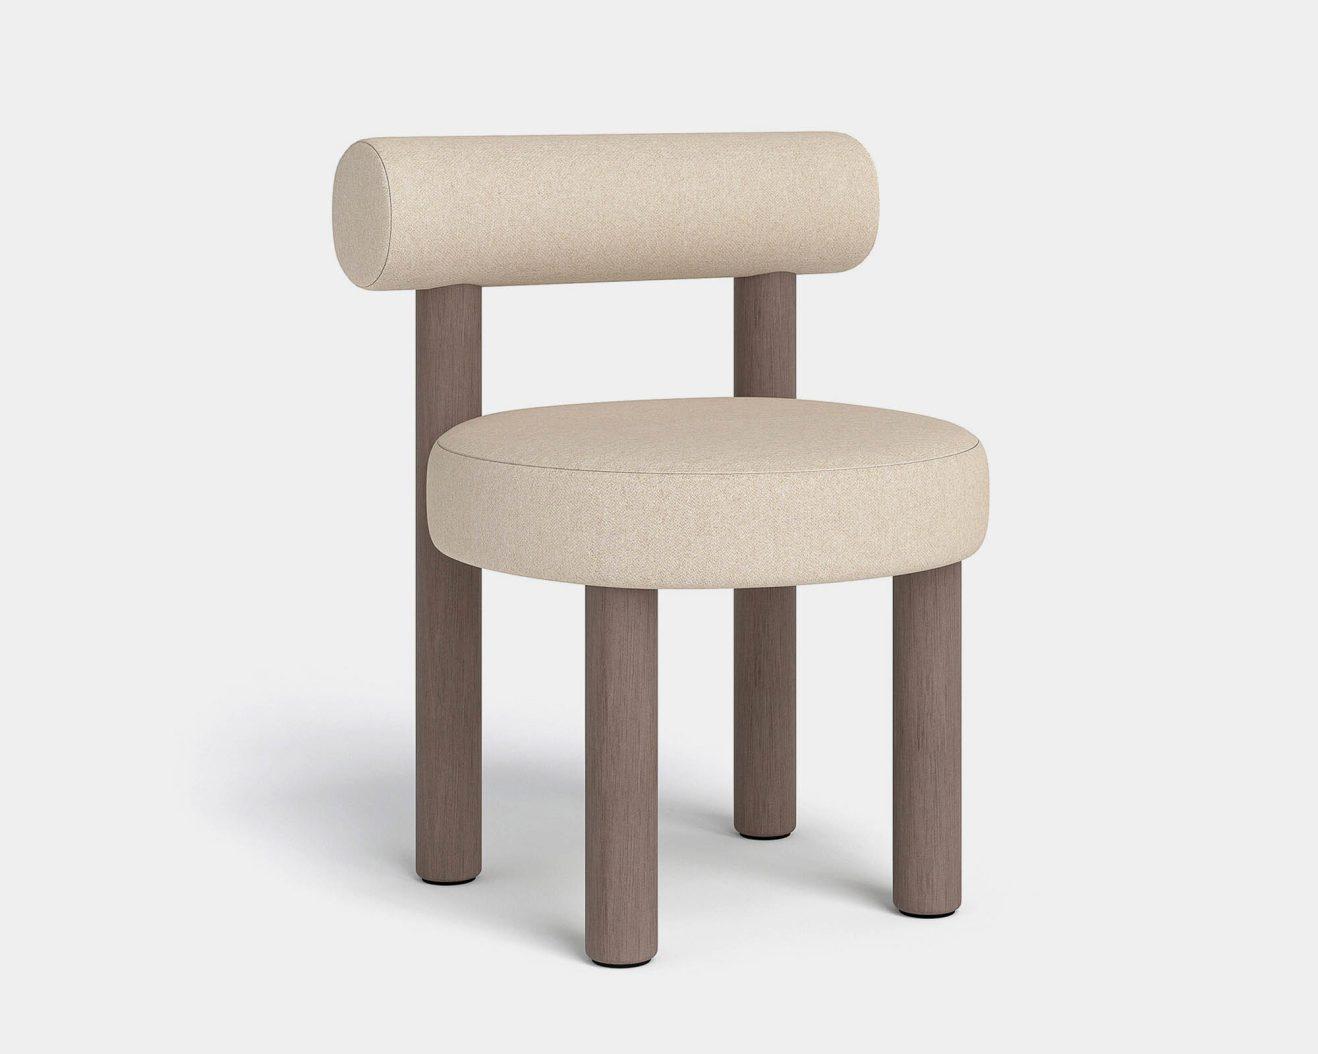 Noom-Gropious-Chair-CS2